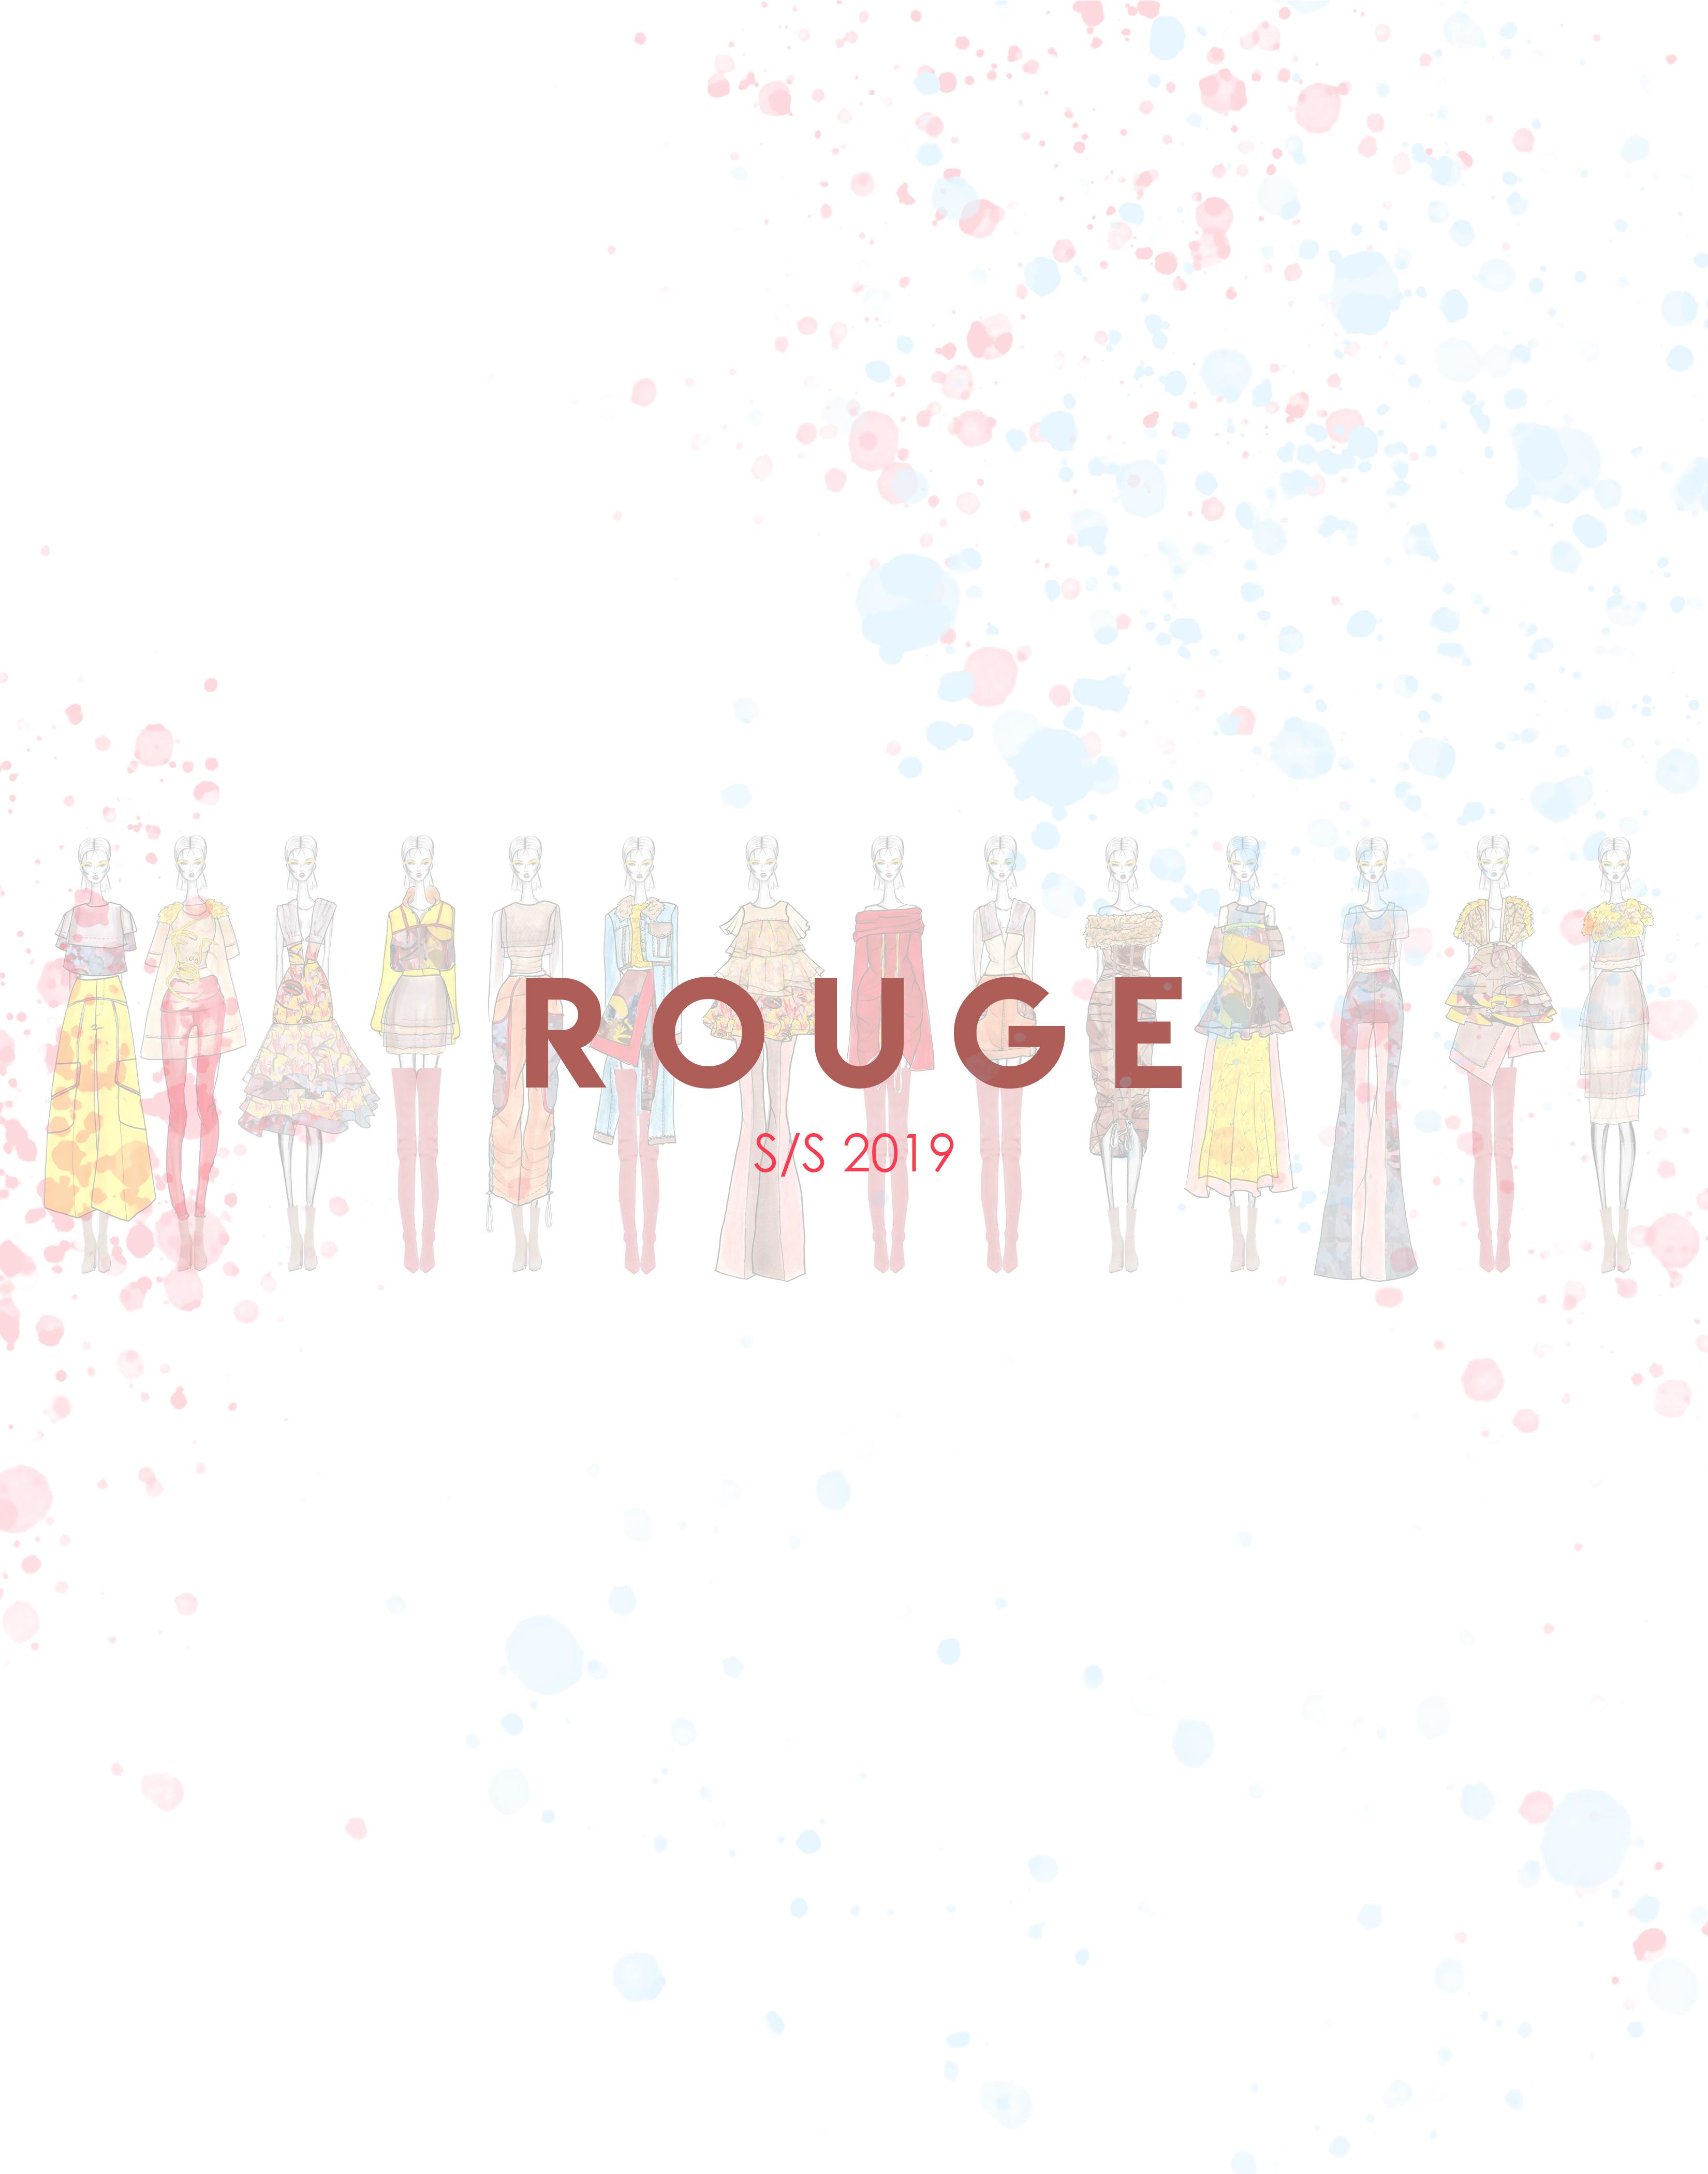 ROUGE_PORTFOLIO_REVEIW-6